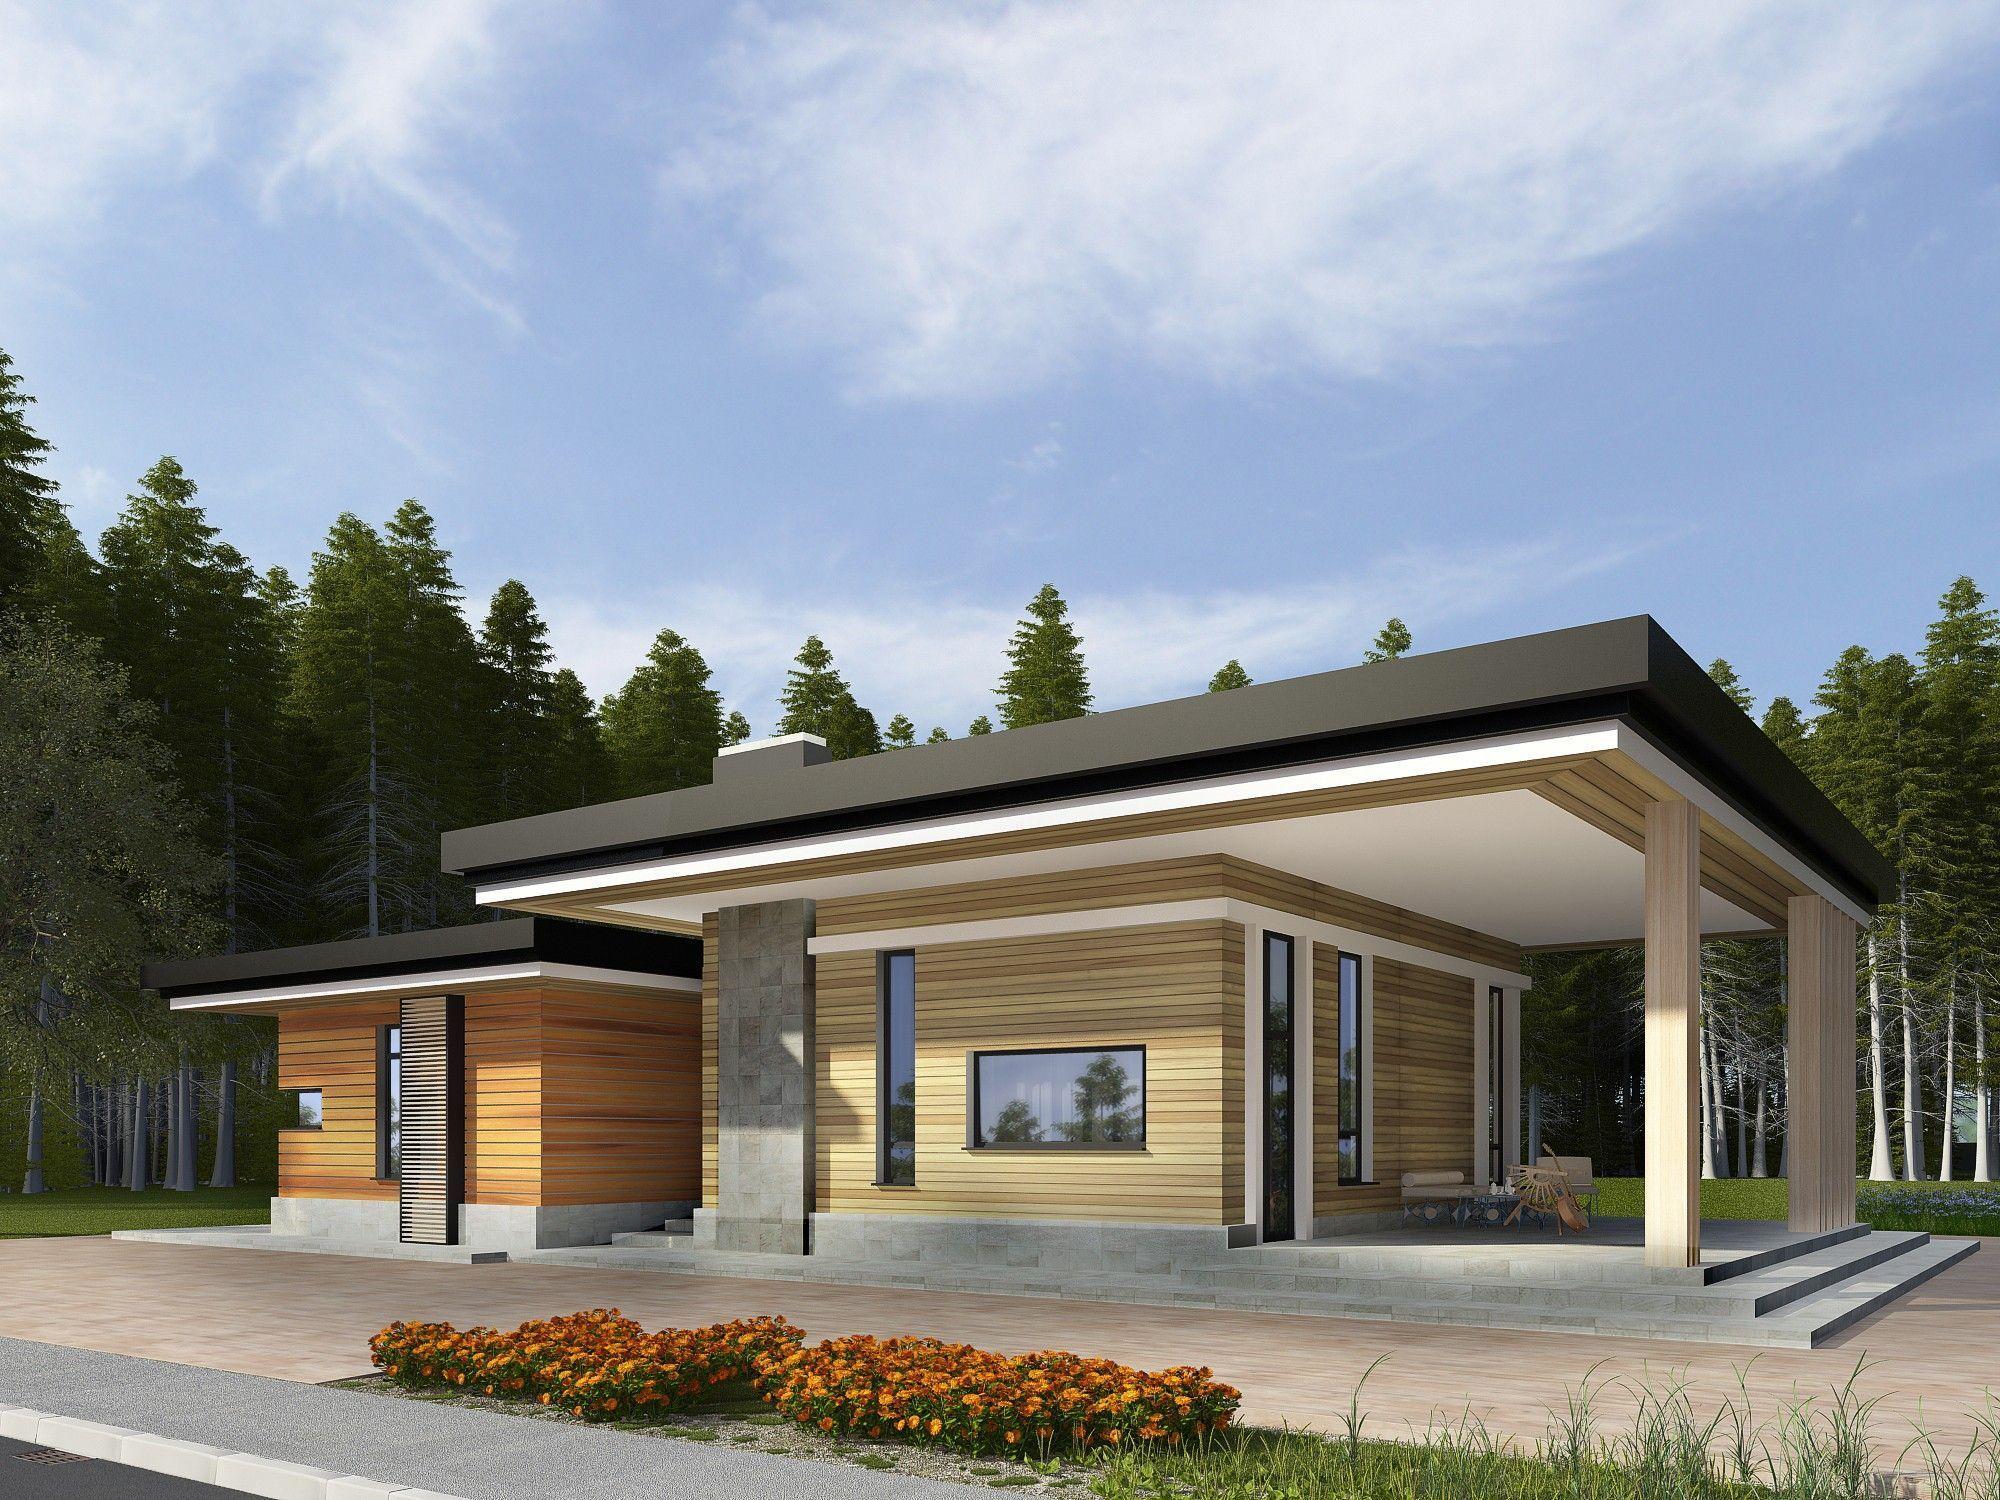 Архитектурный проект одноэтажного дома из дерева